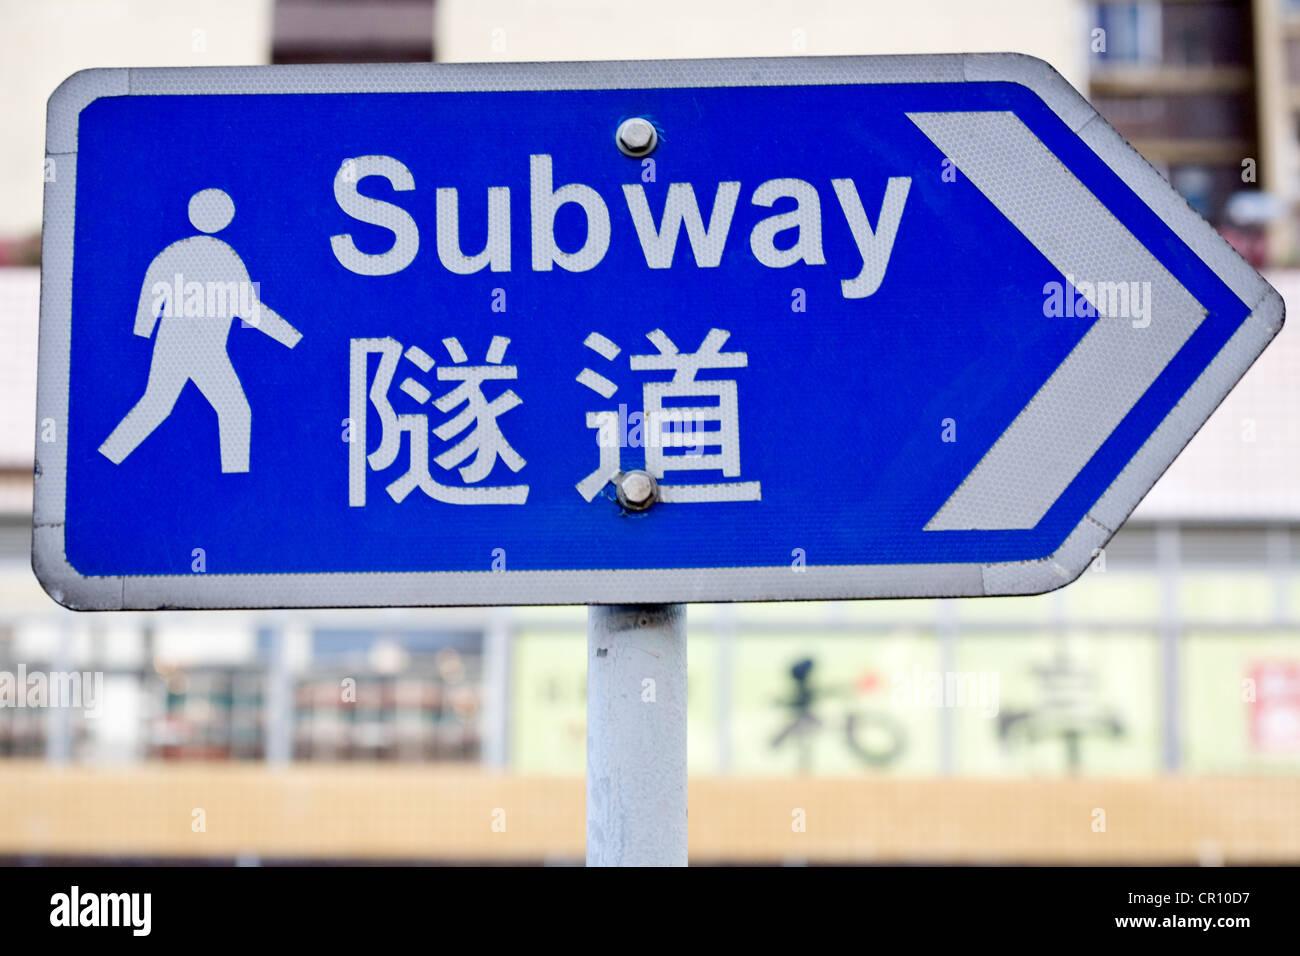 China, Hong Kong, subway sign - Stock Image